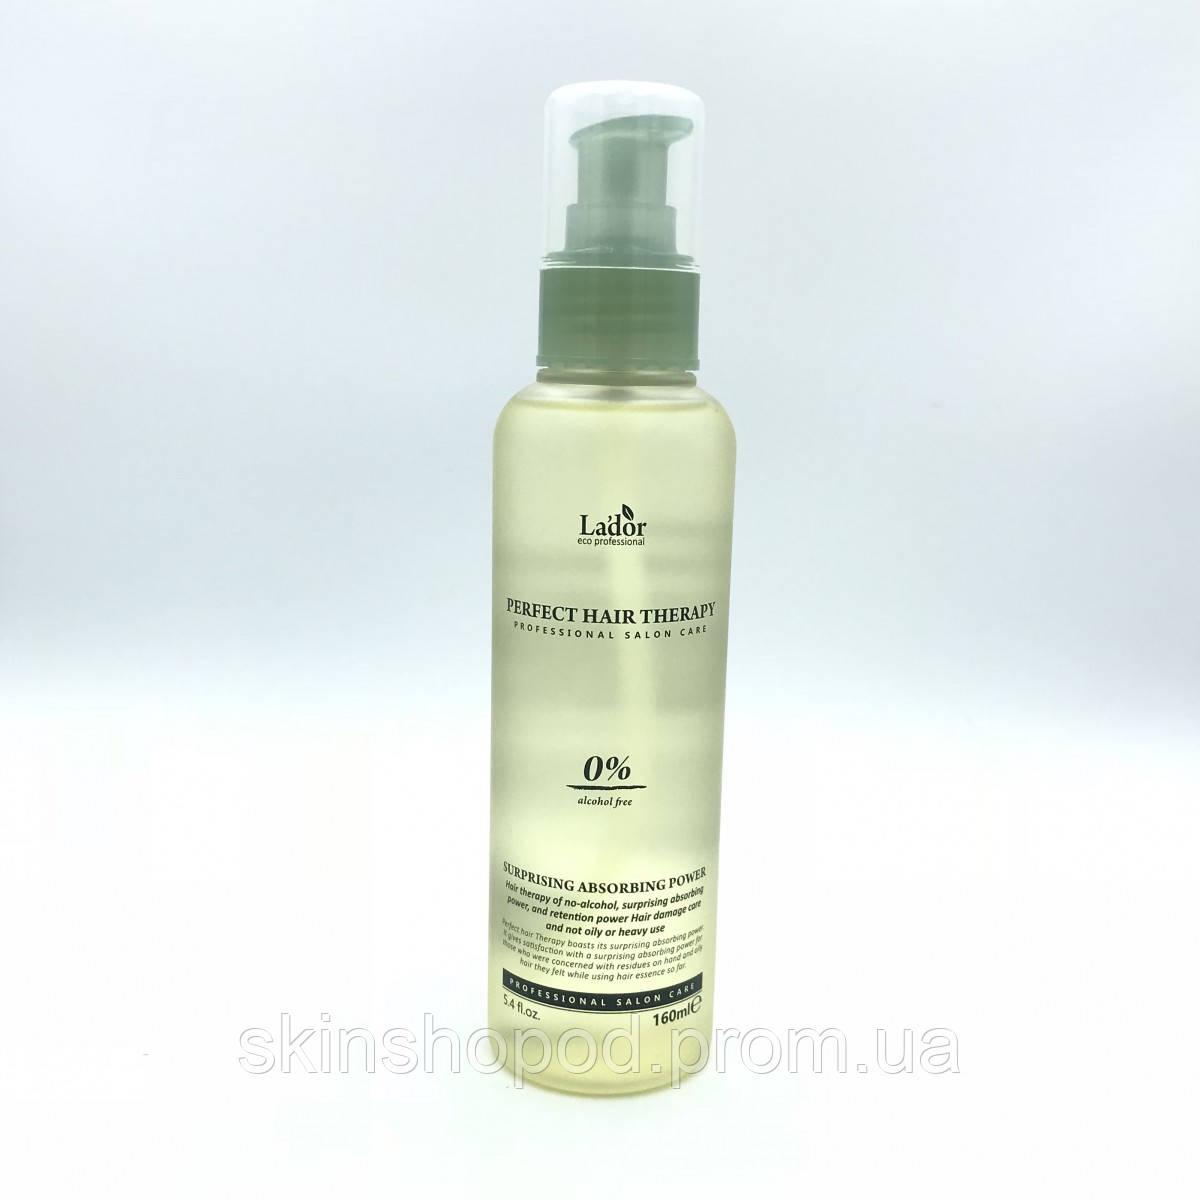 Восстанавливающая, лечащая сыворотка для волос с протеинами шелка и аргановым маслом LADOR Perfect Hair Therapy - 160 мл